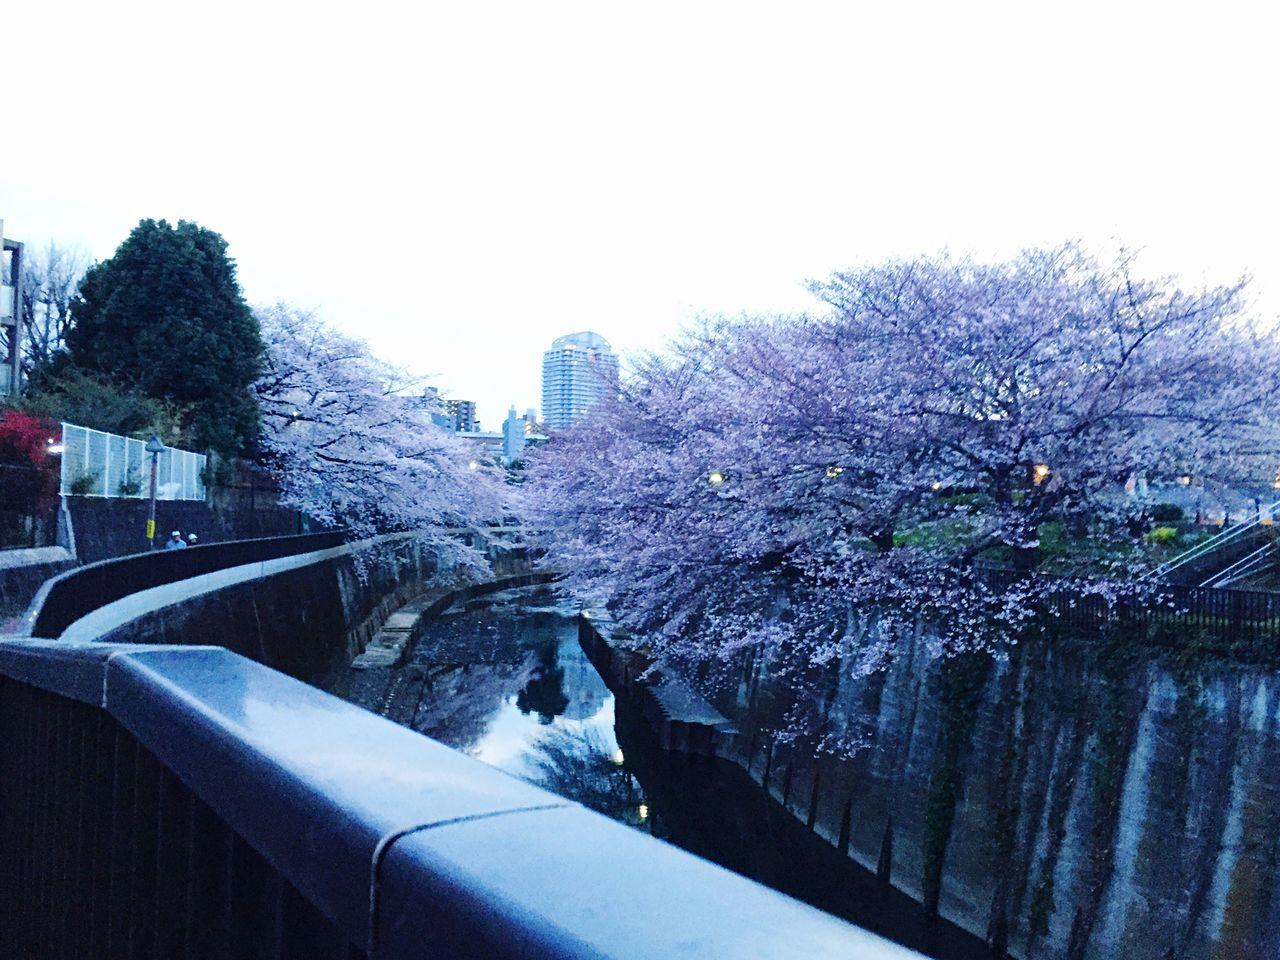 桜 サクラ サクラ Sakura Cherry Blossoms 川辺 Riverside 花見 Cherry-blossom Viewing 東京 Tokyo 滝野川 Takinogawa 日本 Japan 音無川 Otonashi River